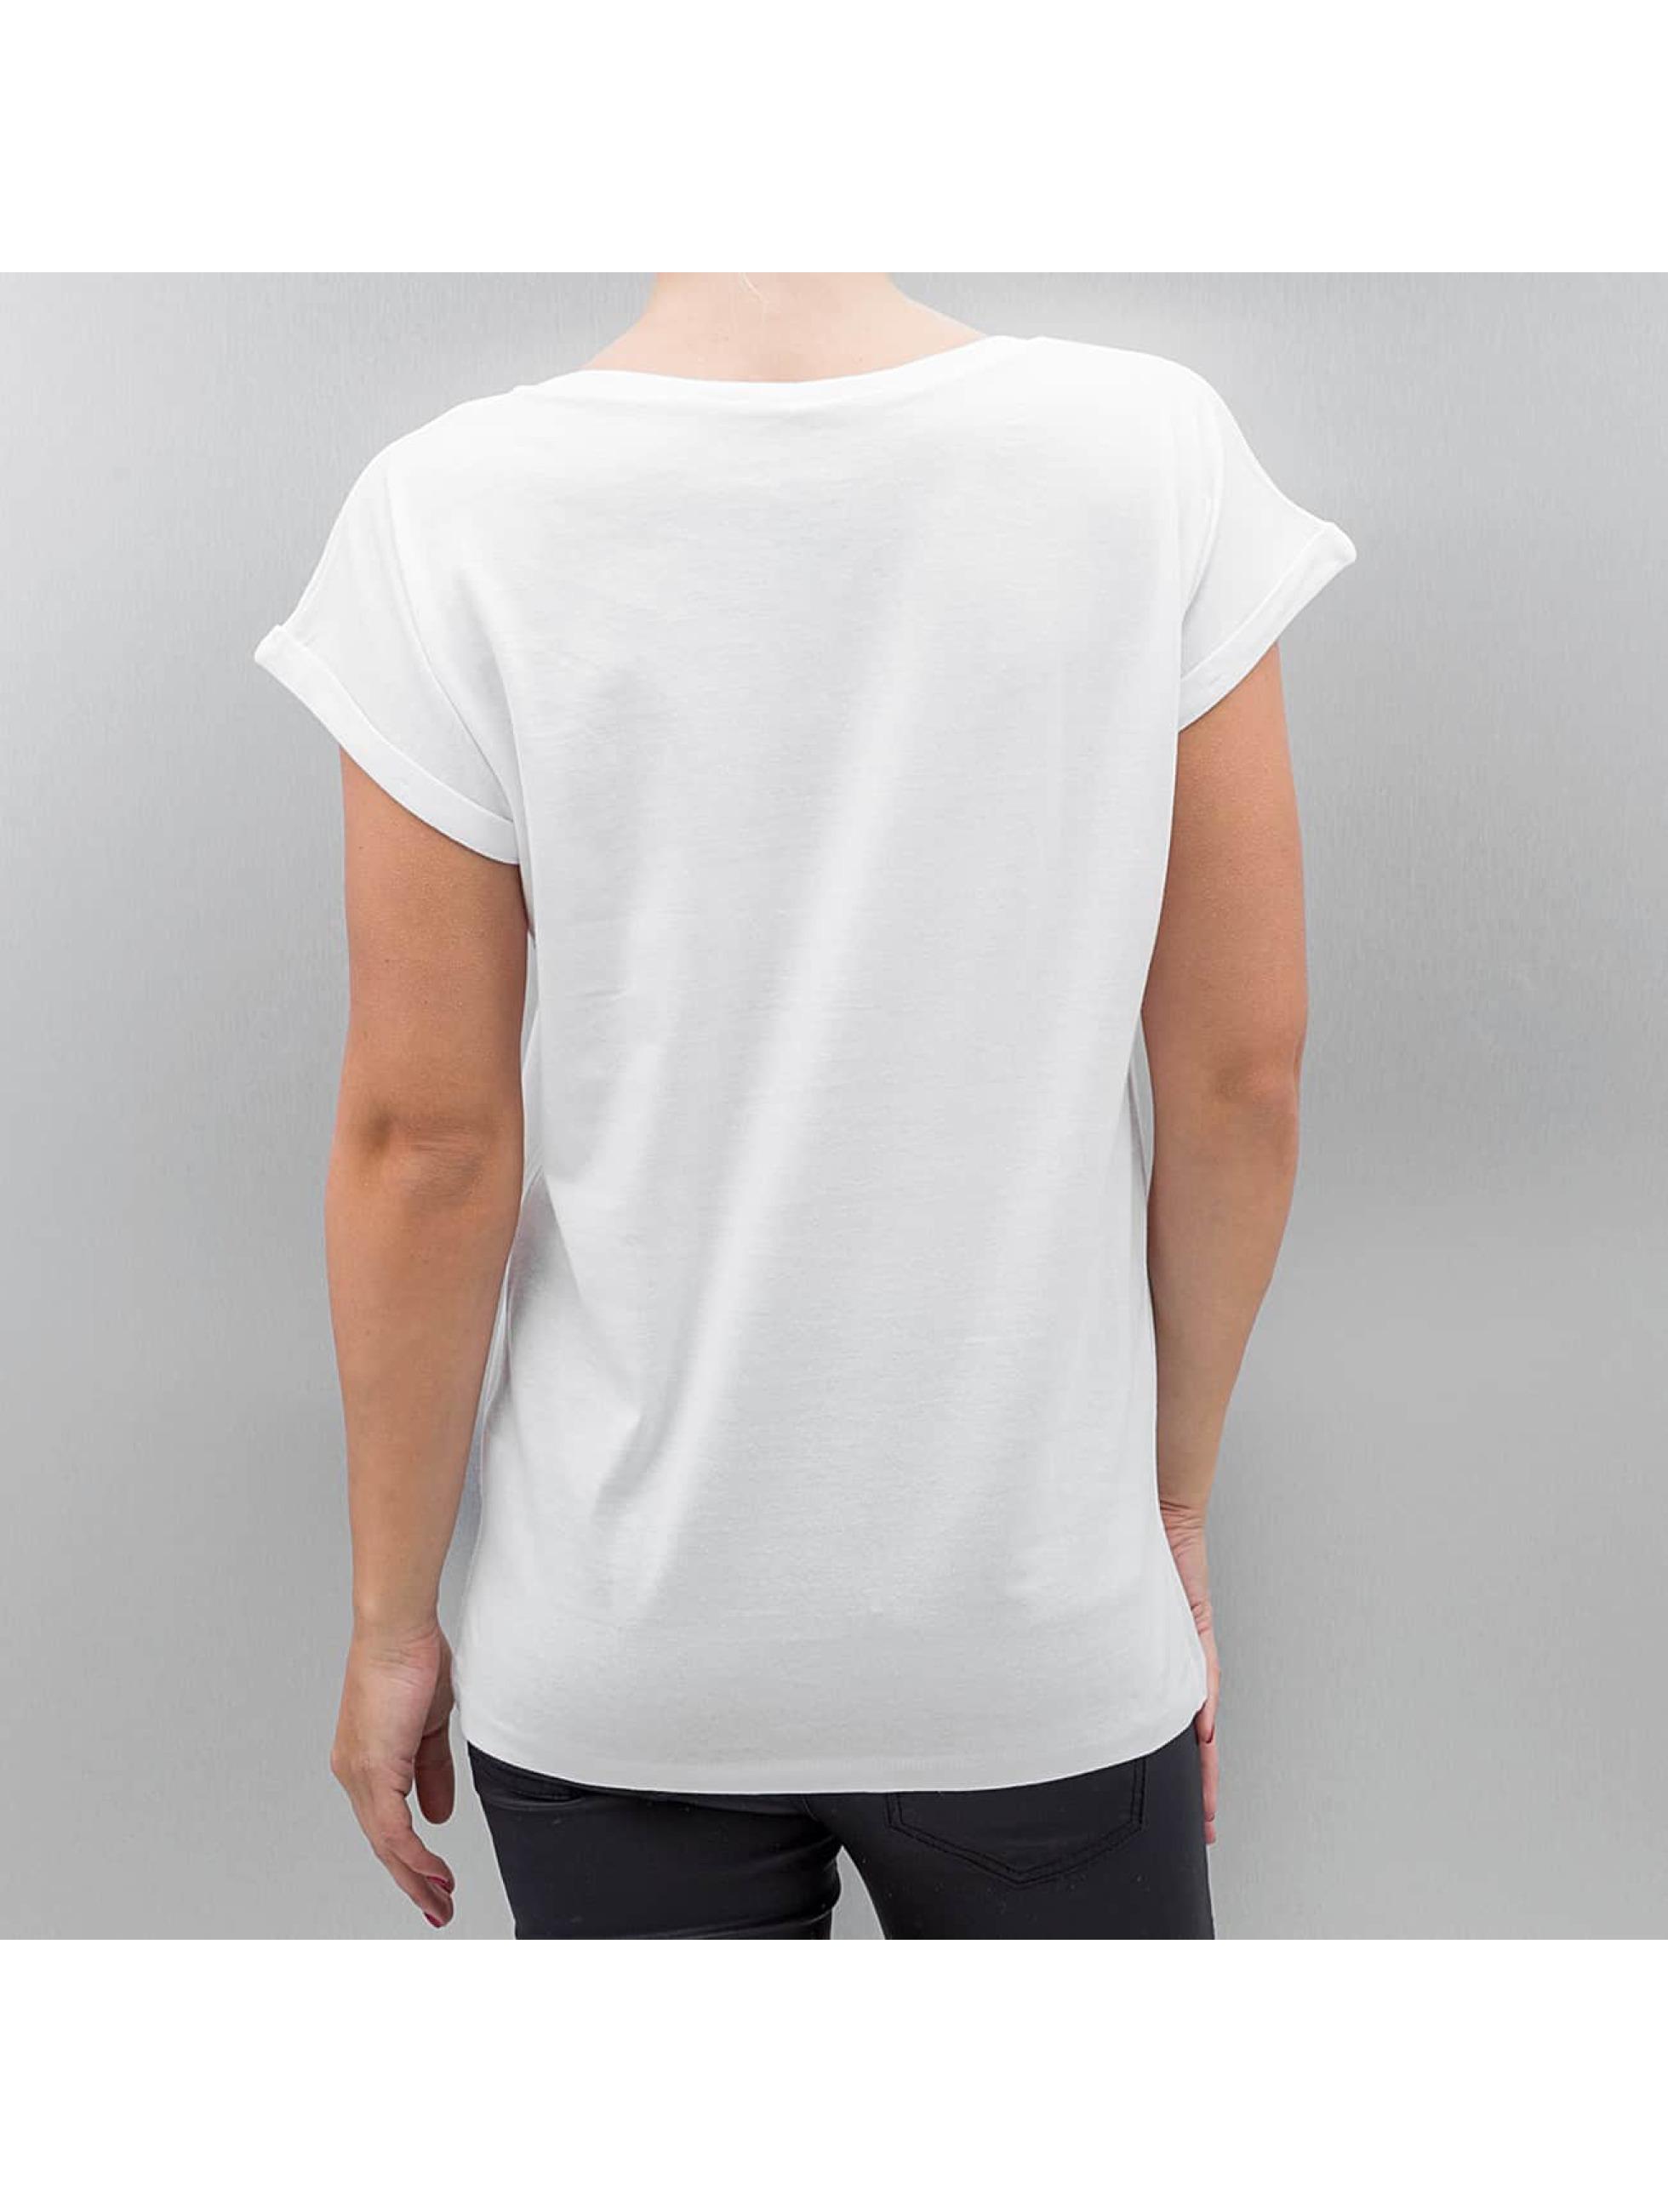 Mister Tee T-shirt Ladies John Lennon Bluered bianco